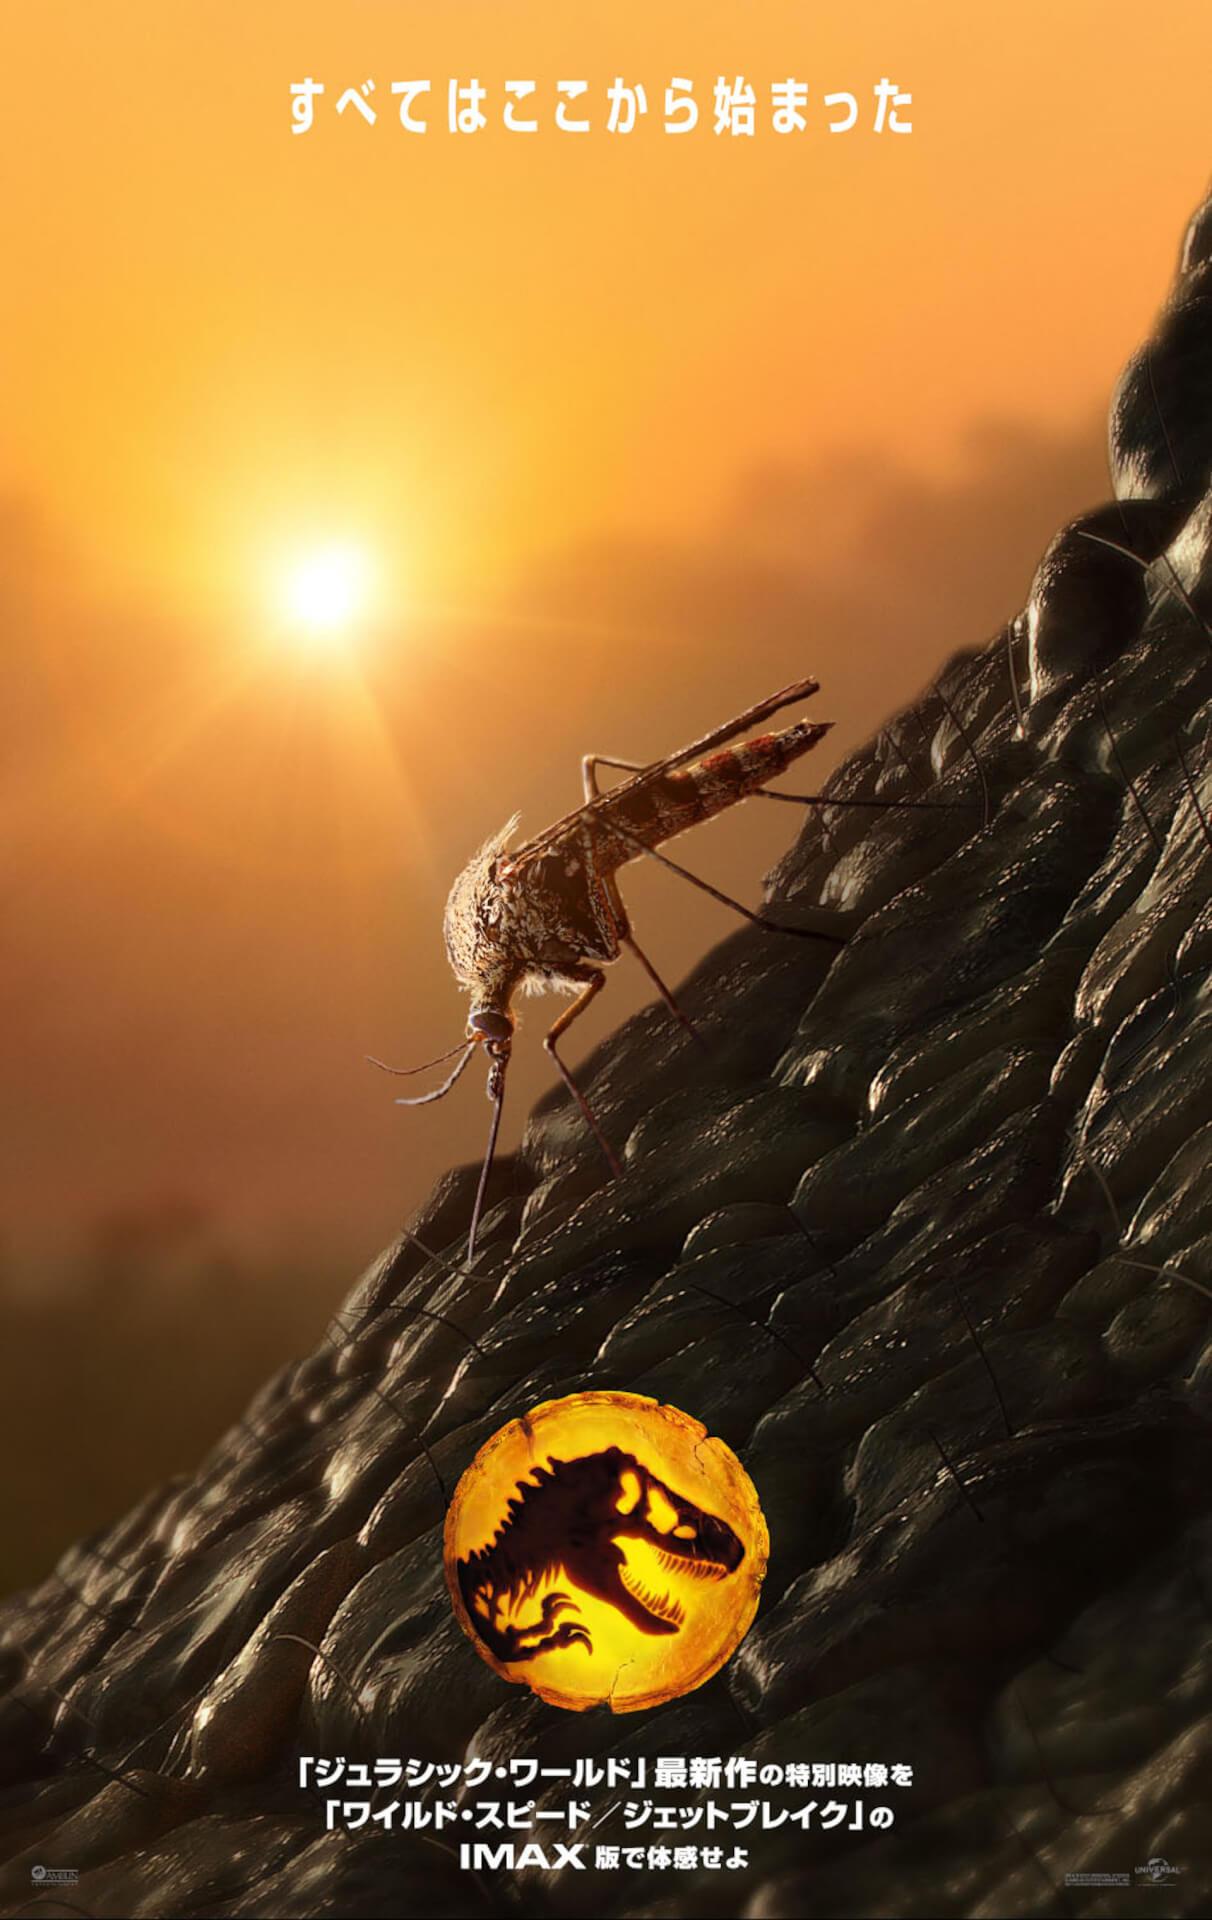 『ジュラシック・ワールド』がスクリーンに帰ってくる!『ジュラシック・ワールド/ドミニオン(原題)』IMAX特別映像が公開決定 film210611_jurasicworld_1